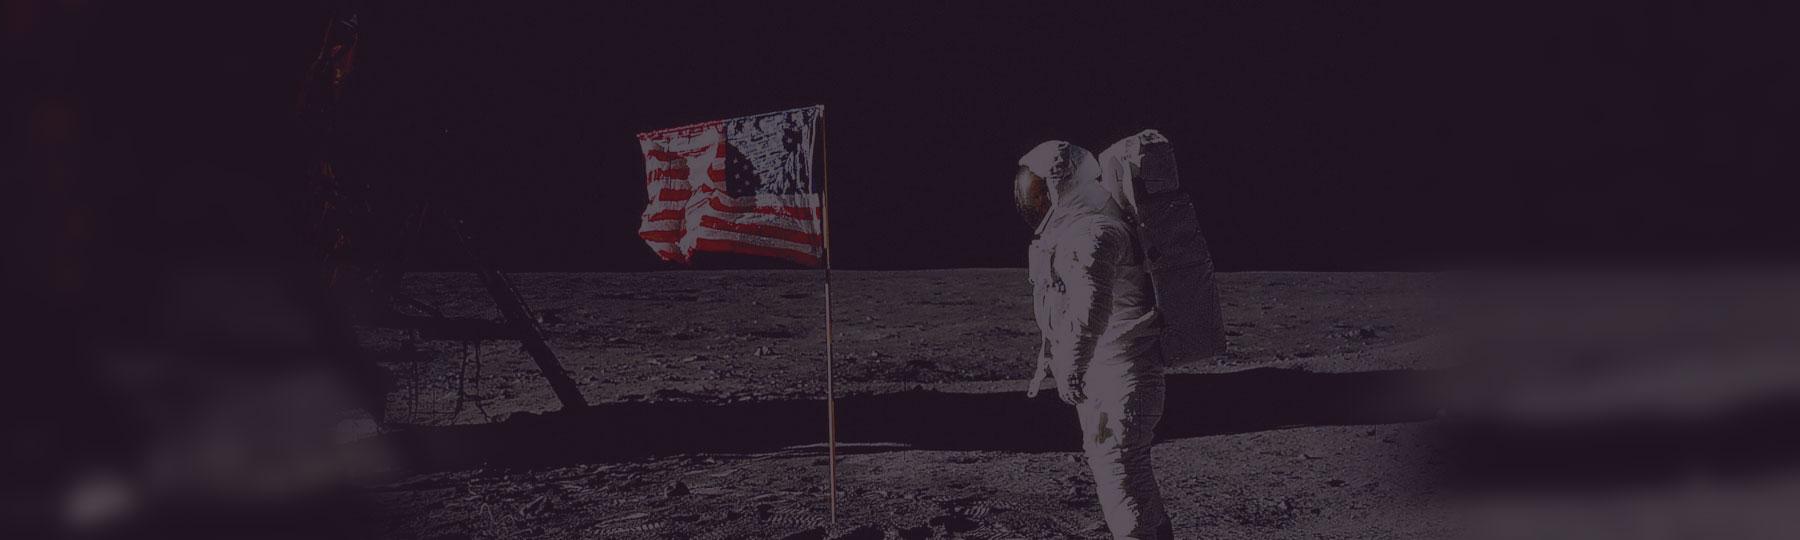 Dieta de la luna estados unidos